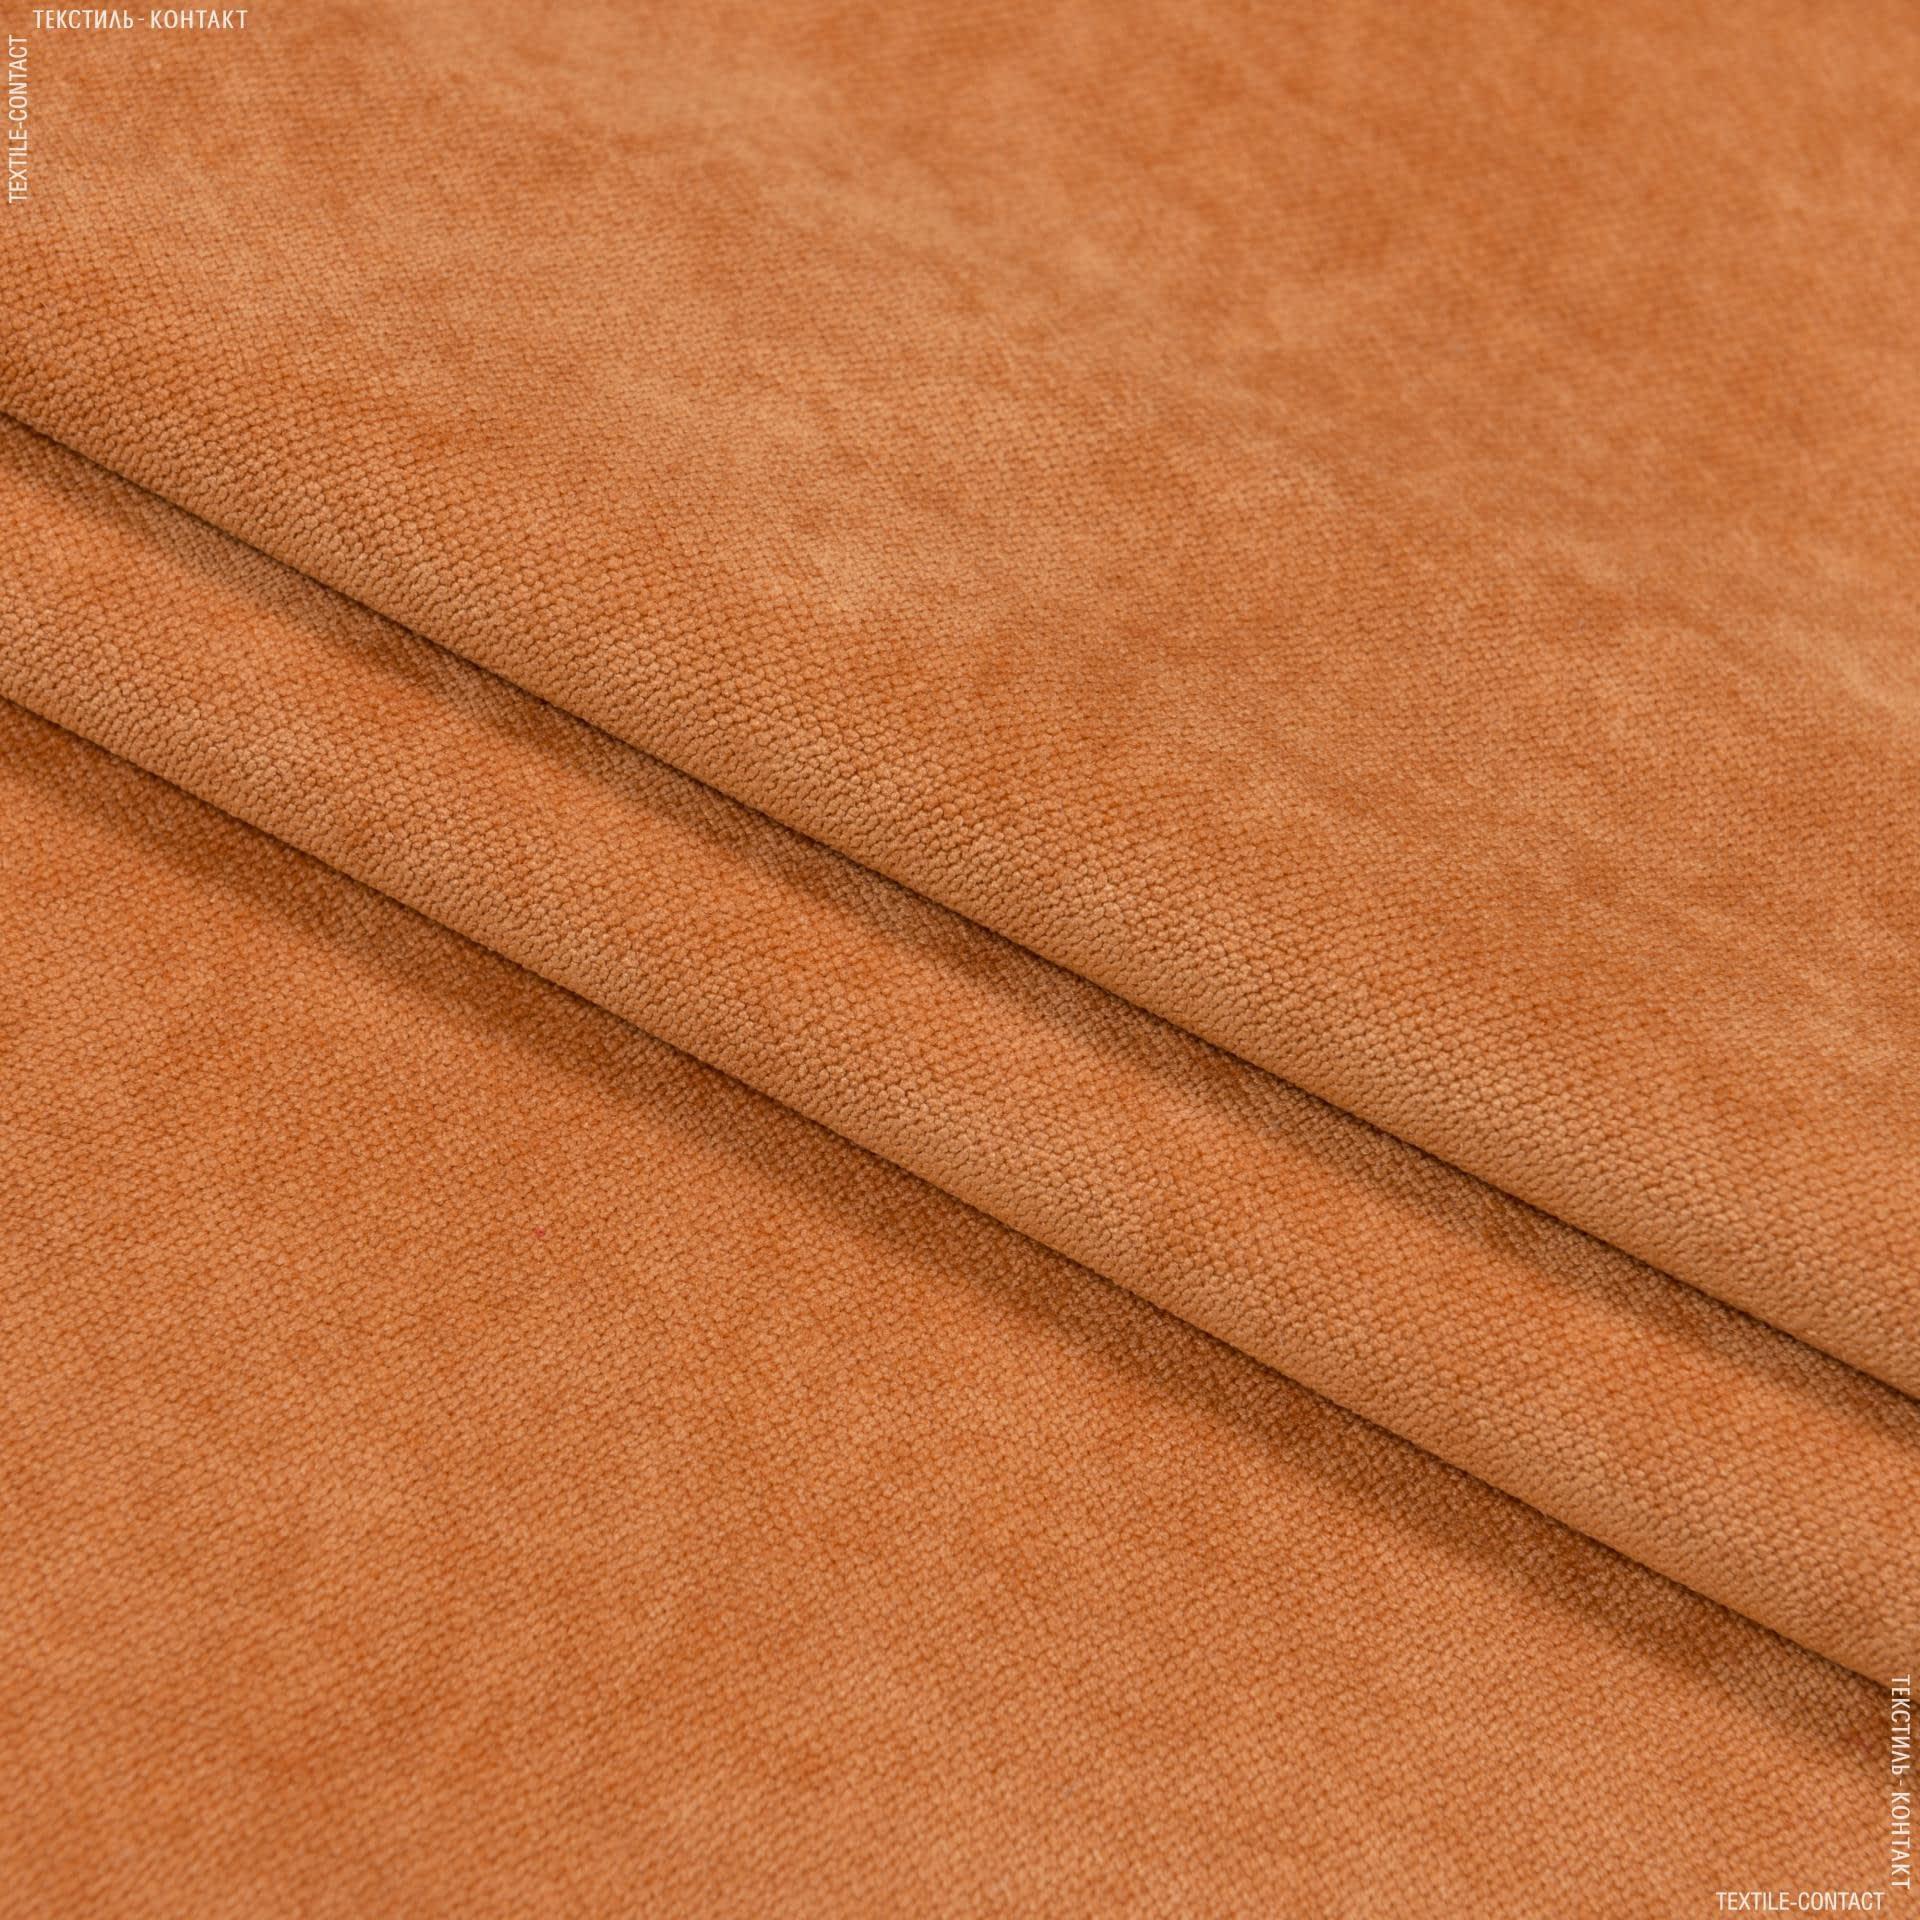 Тканини для меблів - Велюр будапешт/budapest охра